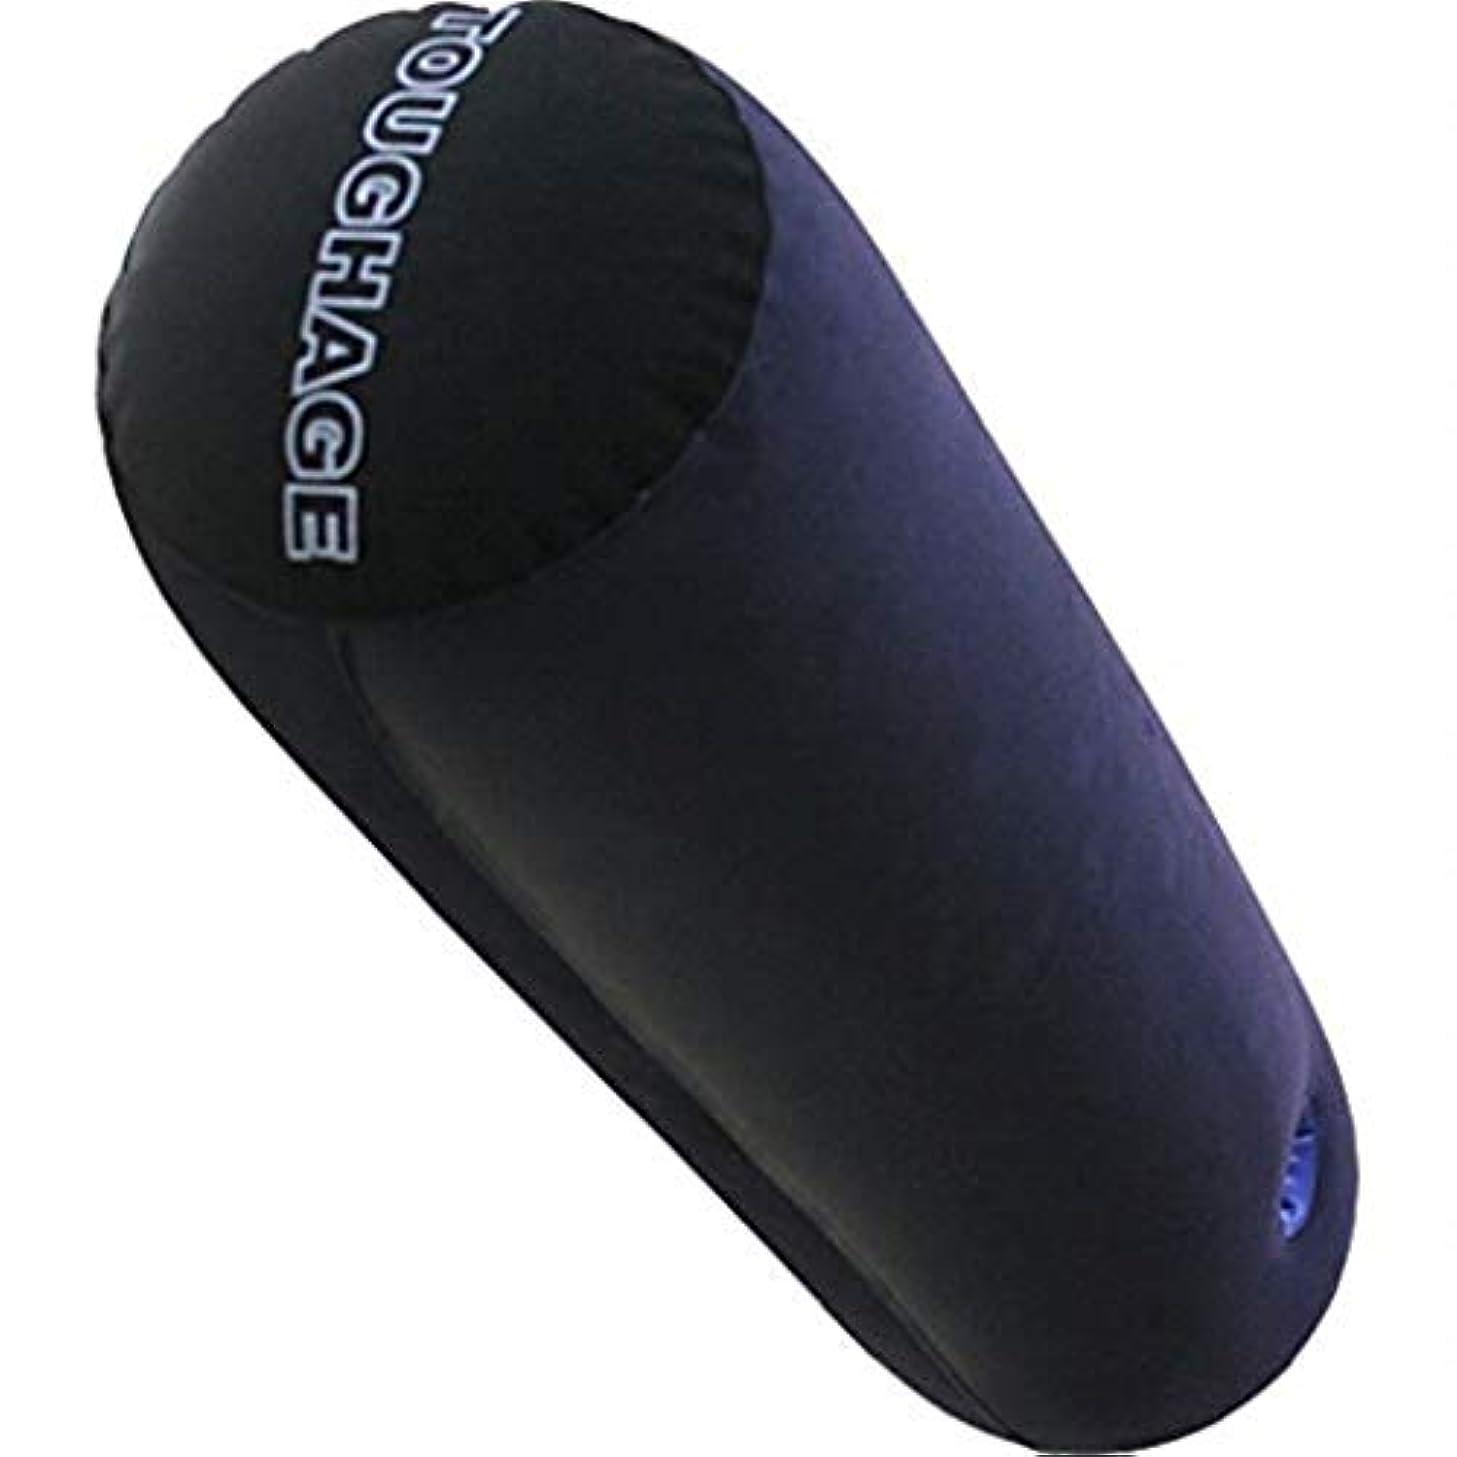 欲望スポーツマンポーチRisareyi 携帯用ソファーの枕、睡眠のための円形の首の枕、首の苦痛救助、シリンダー支え枕、クッションカバー家/寝室